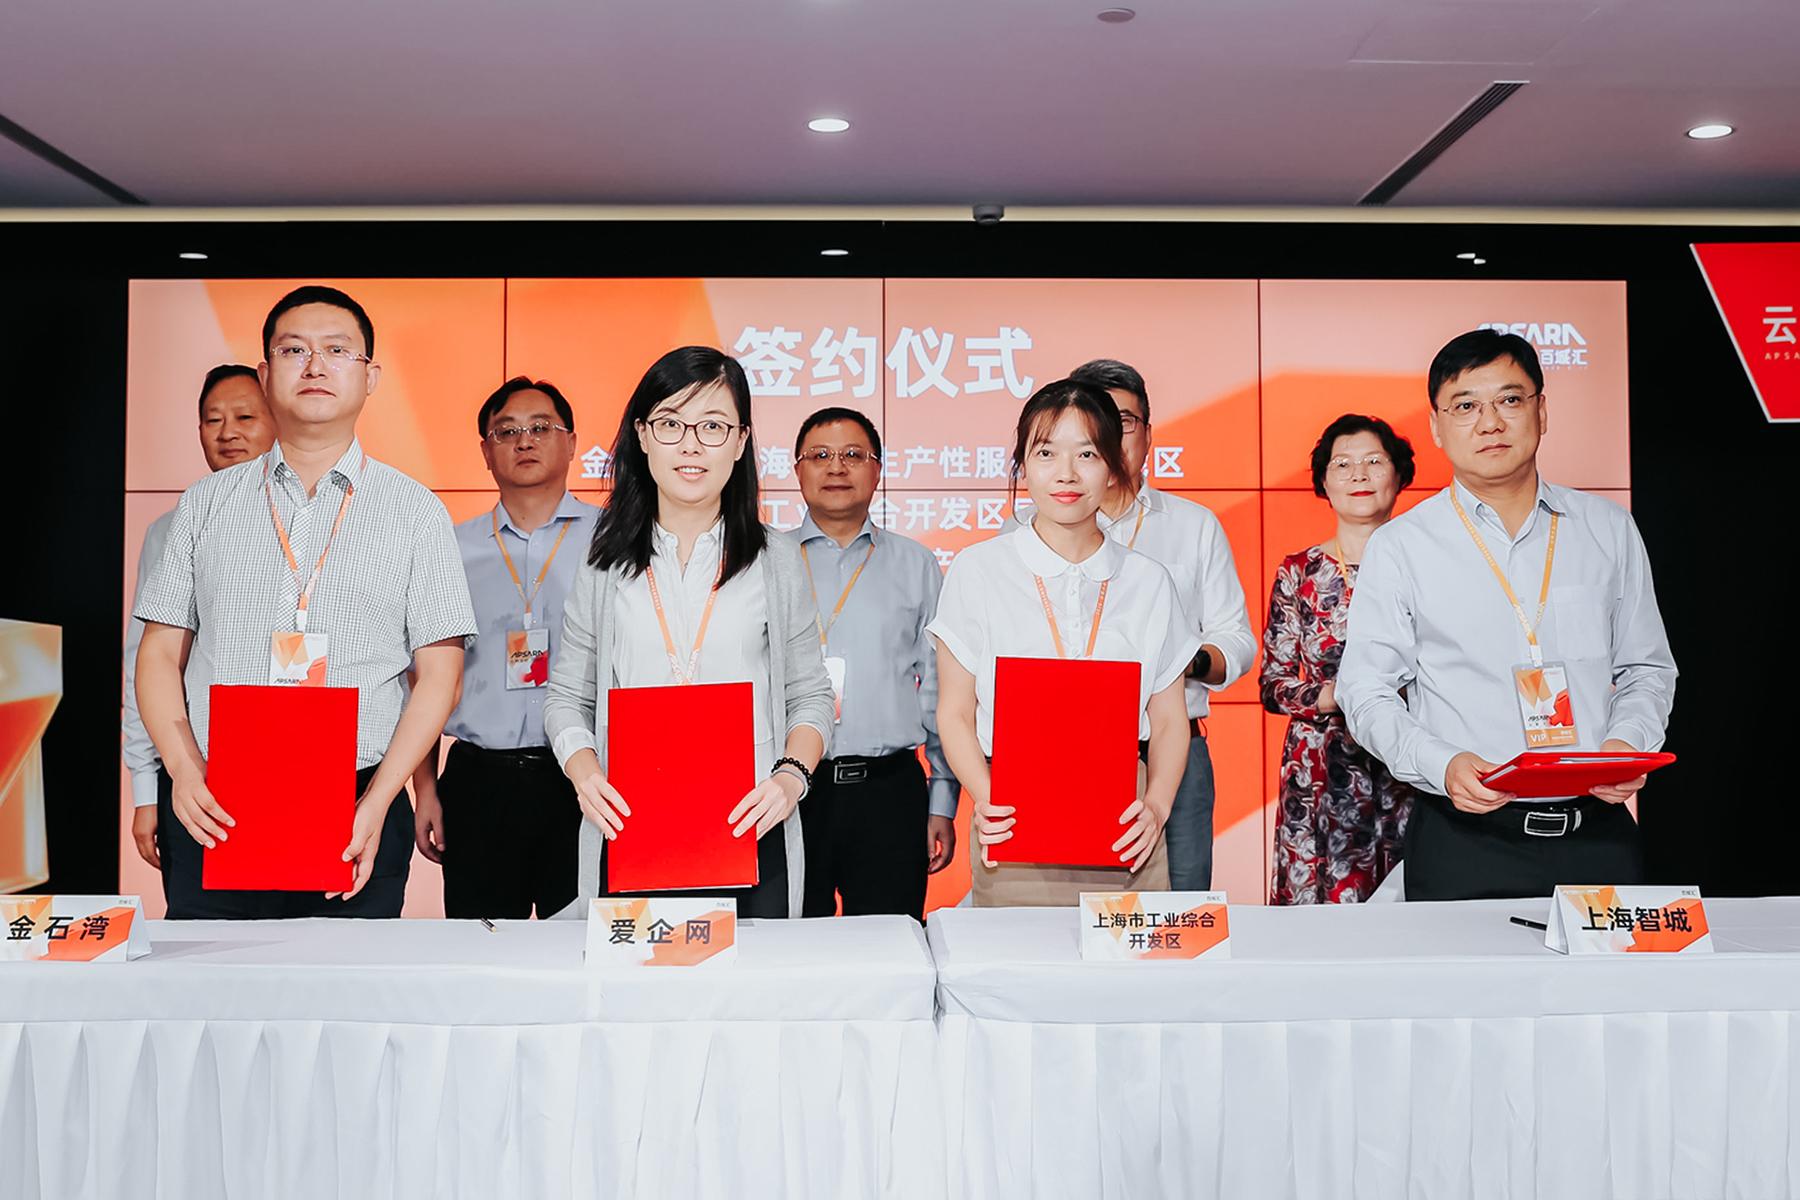 首批6家产业园区与上海爱企网络科技有限公司达成意向性签约,将在园区试点应用部署该系统。